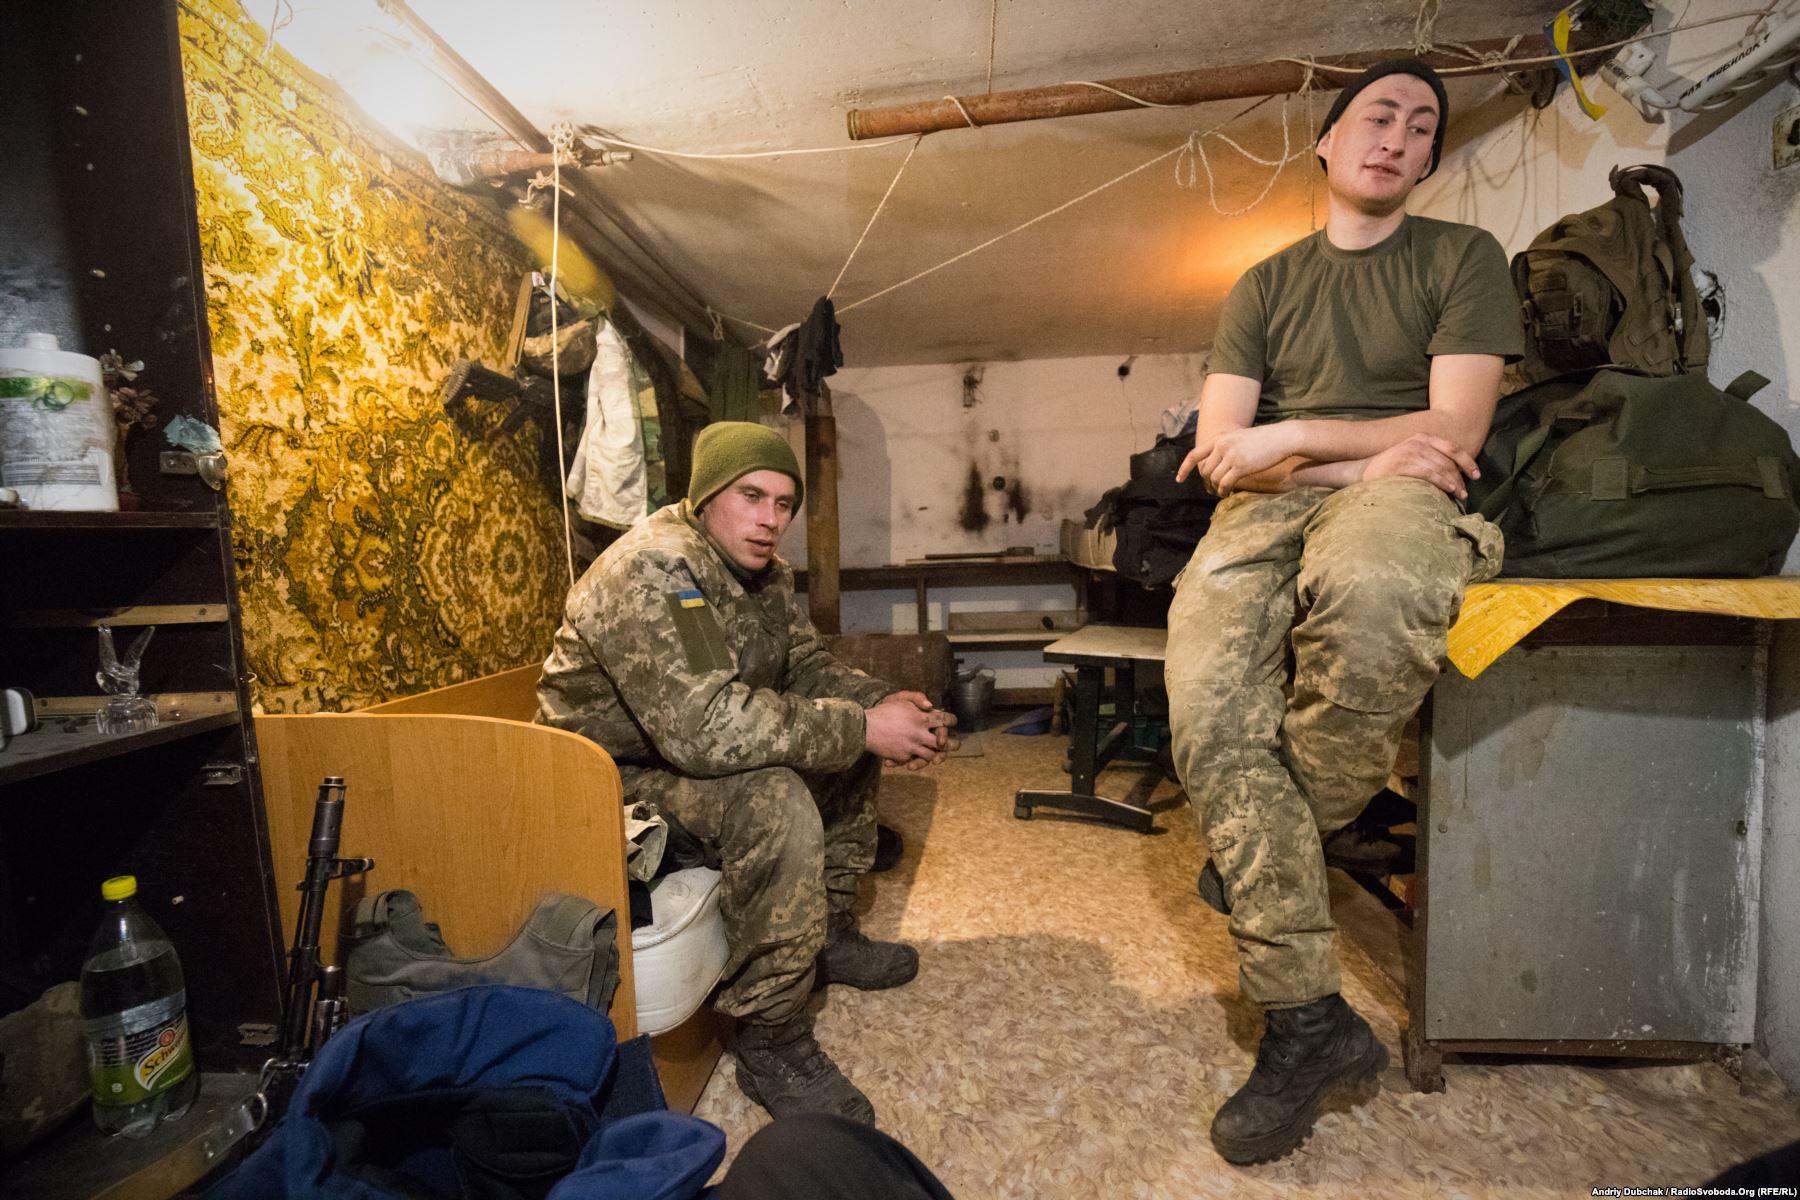 Матроси морської піхоти: 28-річний Вова з Миколаєва та 20-річний Дмитро з Херсонської області у своїй підвальній кімнаті будинку в Широкині